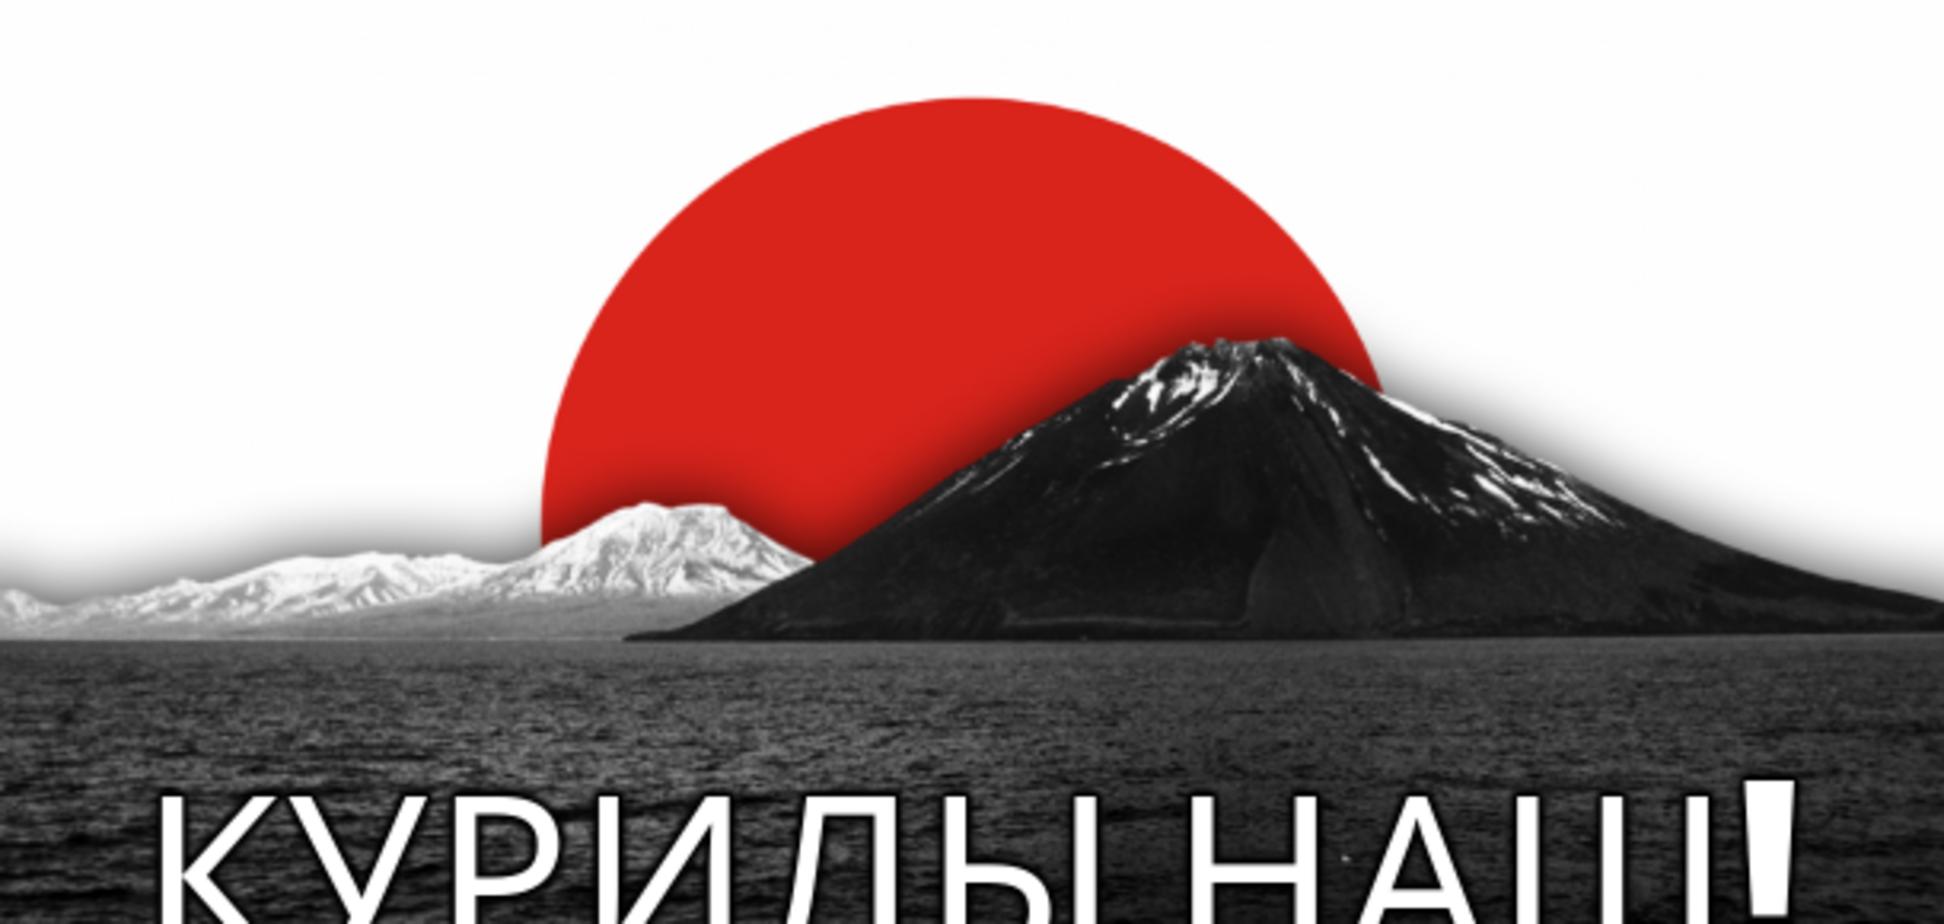 Путин задумал 'легализовать' Крым через Курилы: как это может случиться